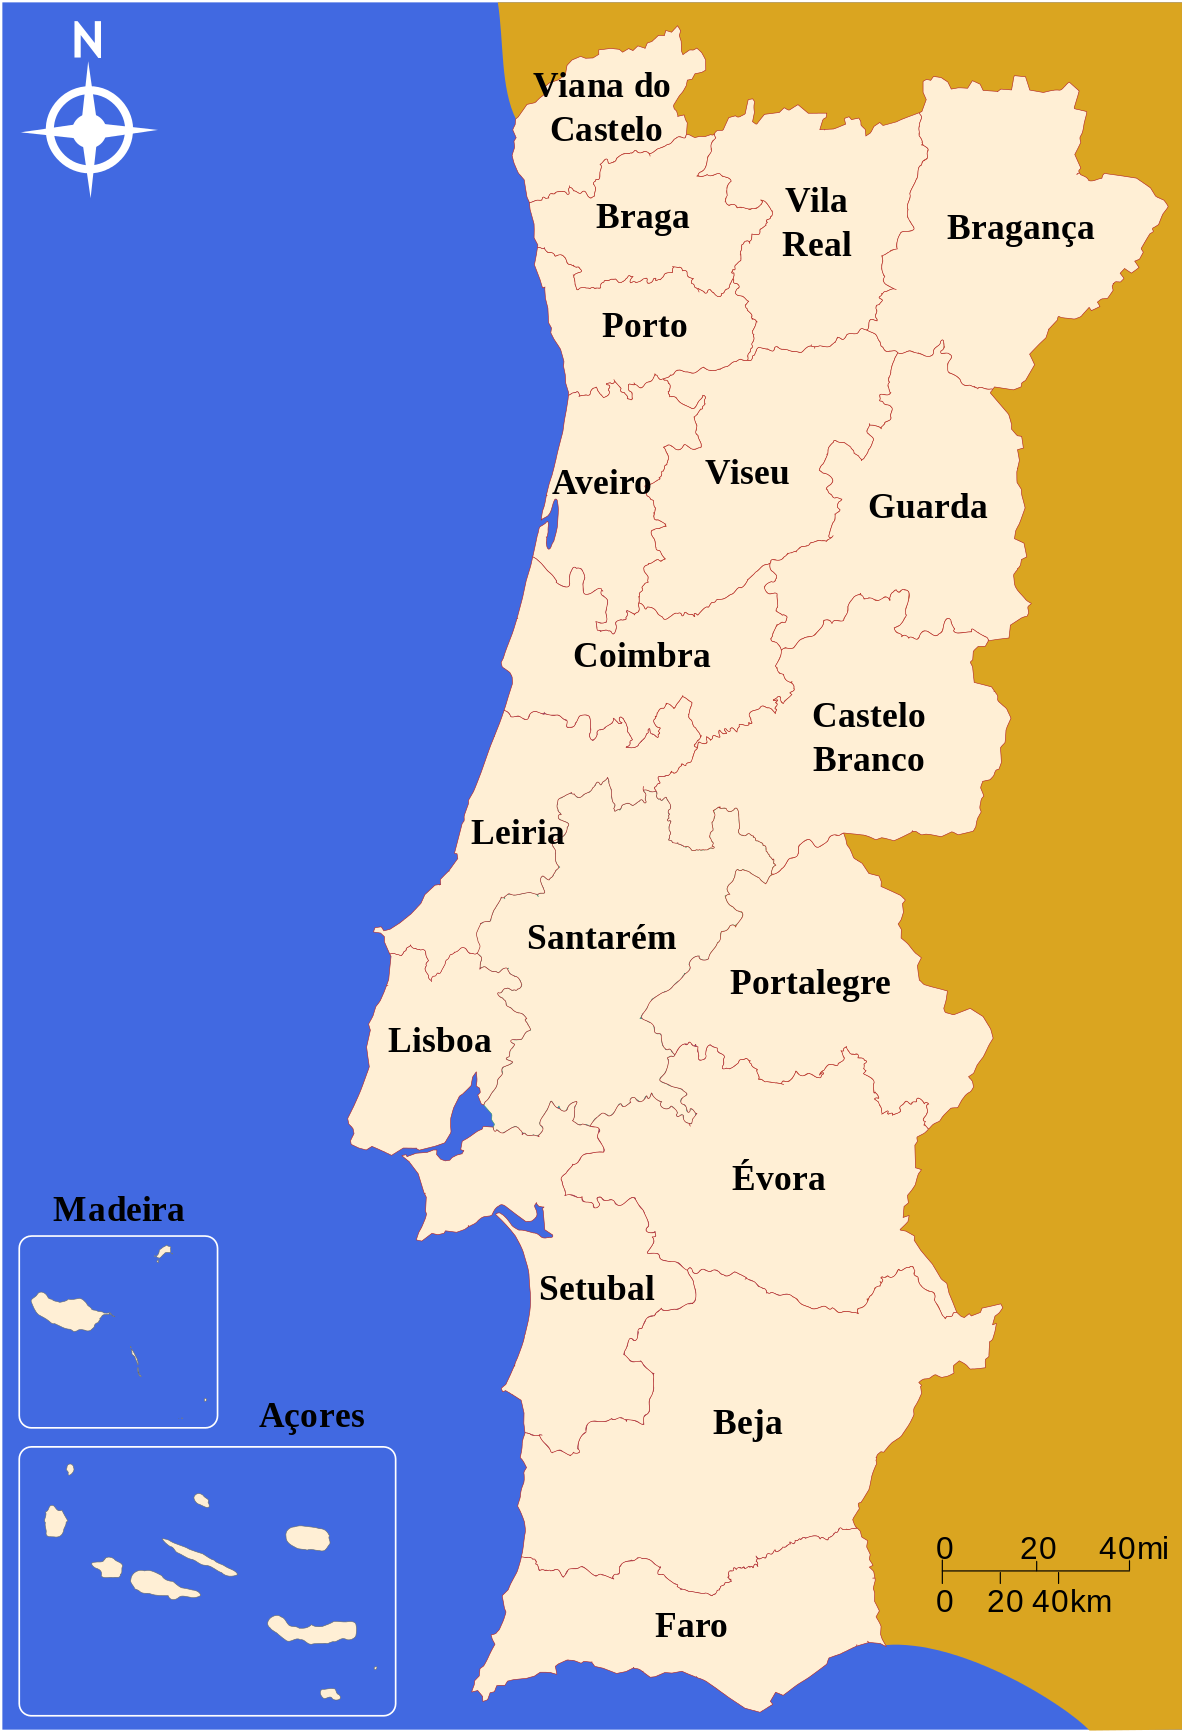 Os distritos do meu país